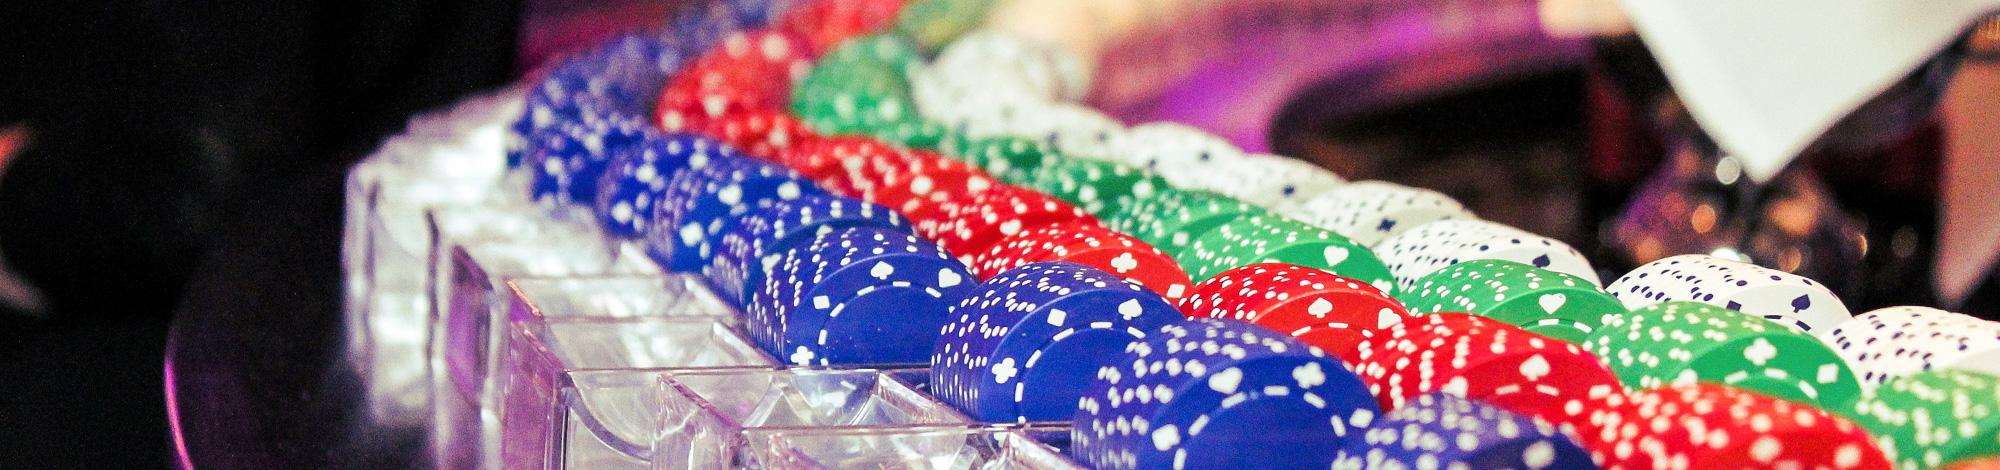 Slider-Casino1-2000x470